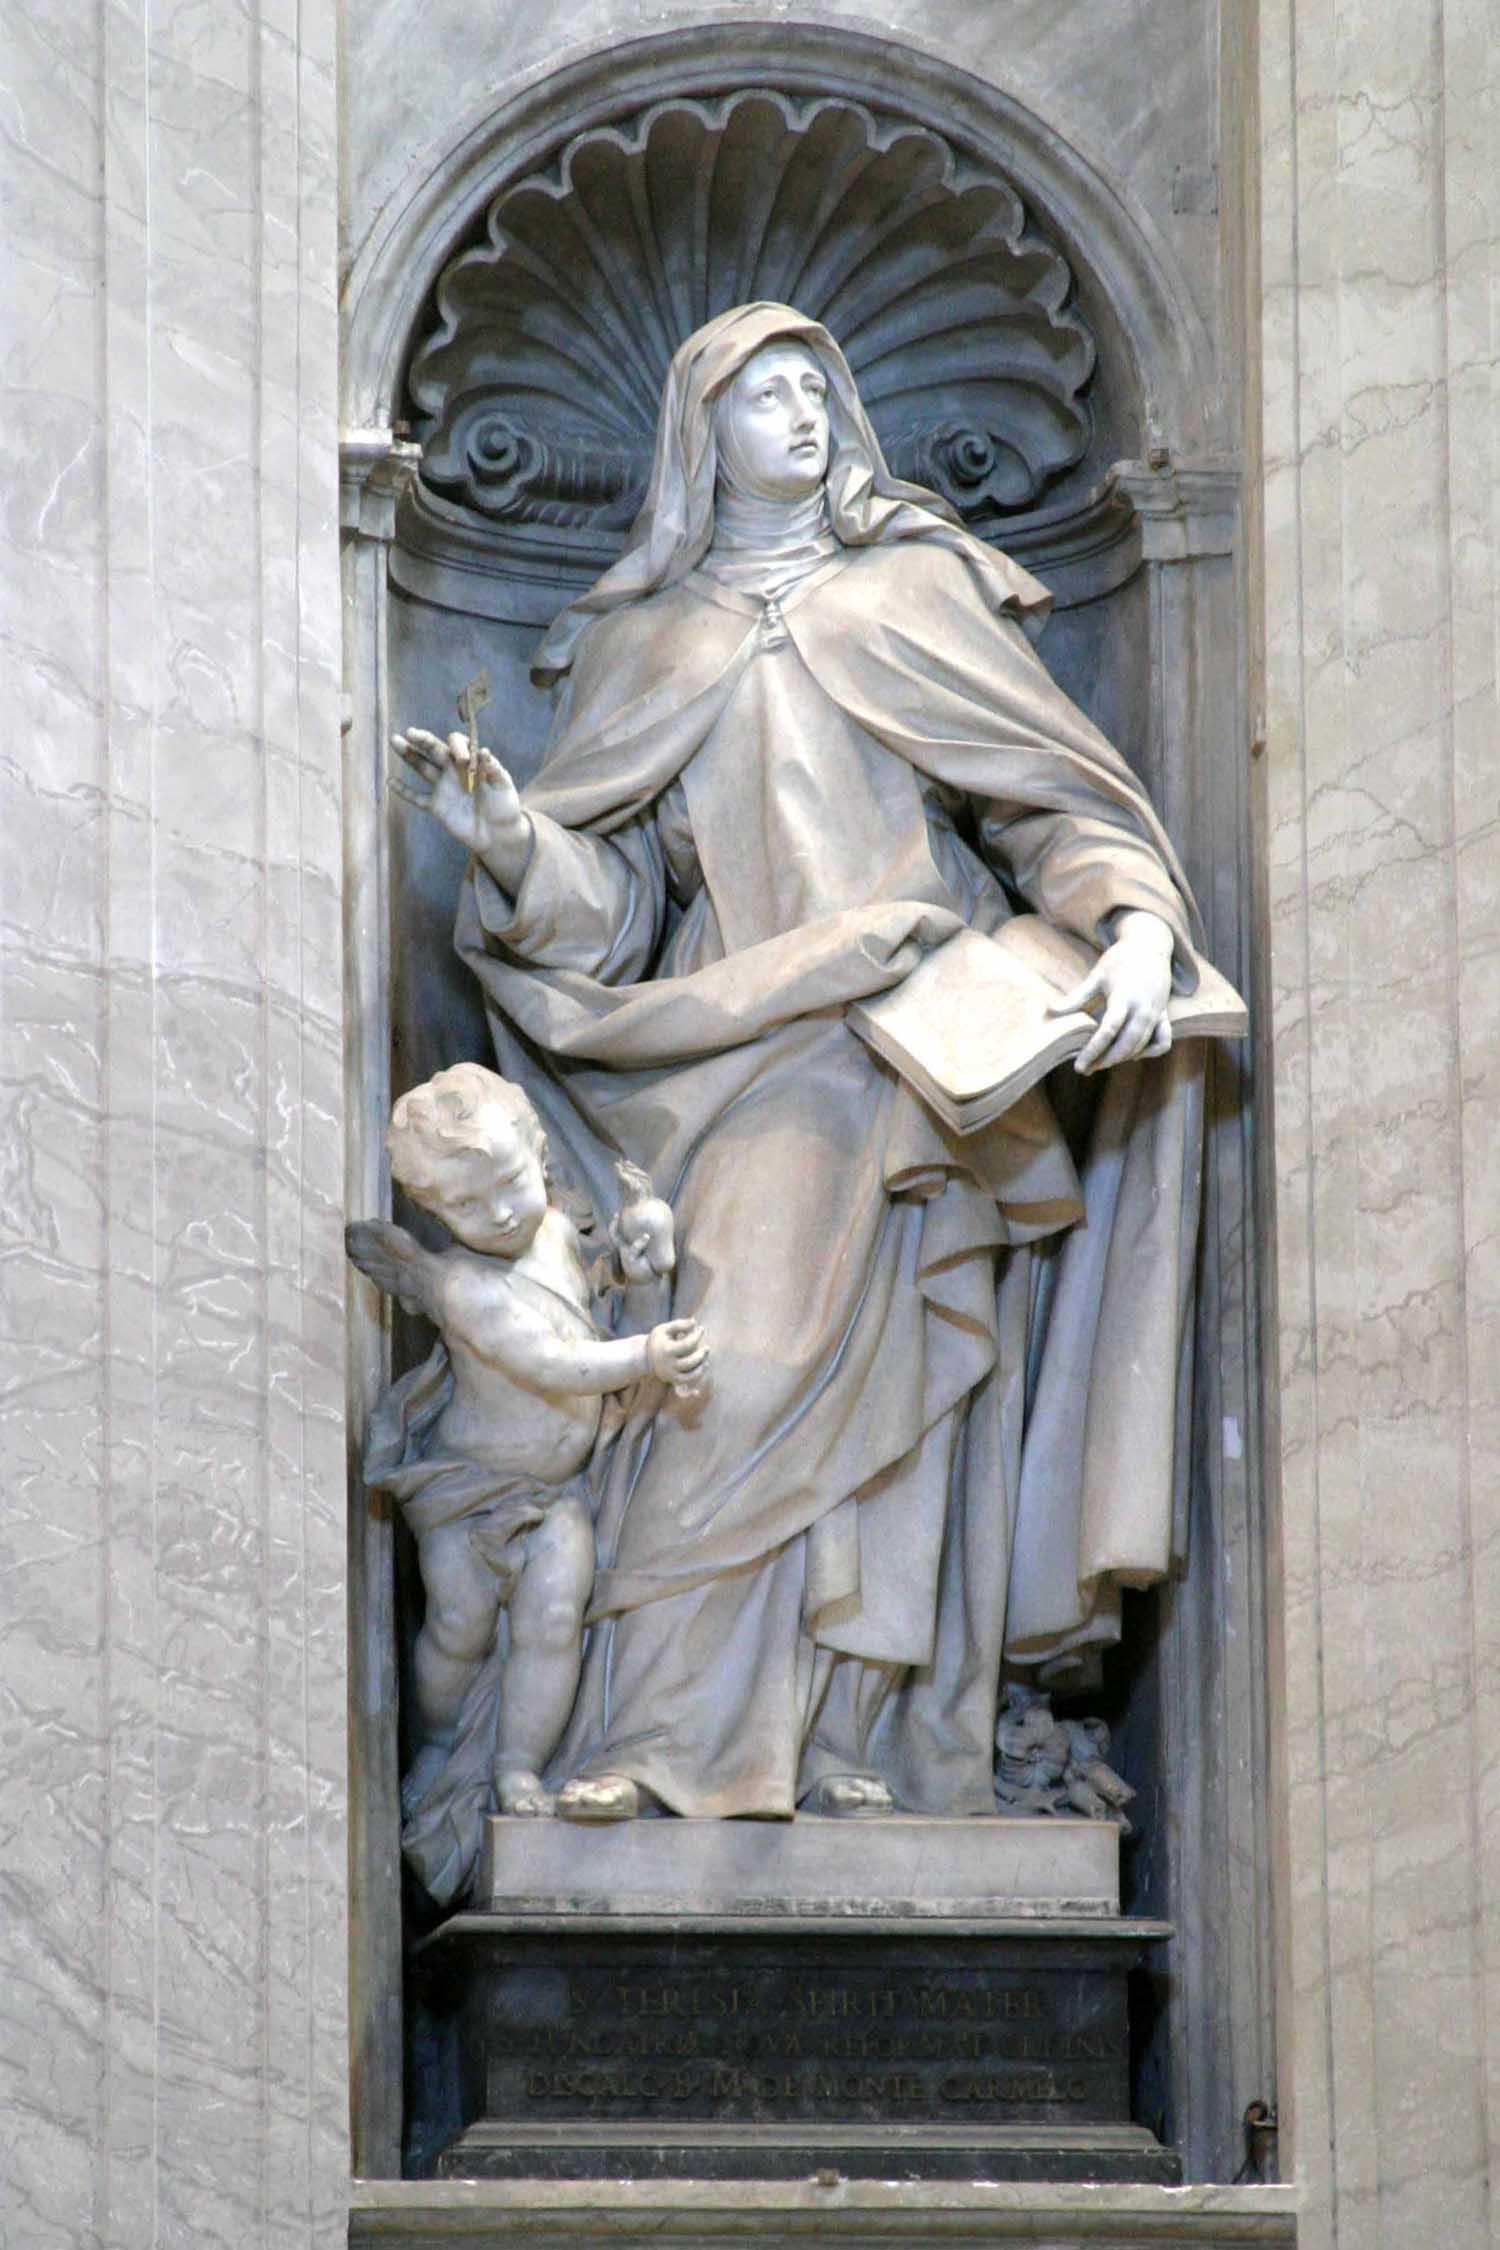 st teresa of avila essay The ecstasy of saint teresa  gianlorenzo bernini kept returning to one passage in the autobiography of saint teresa of avila:  marilyn abildskov's essay,.